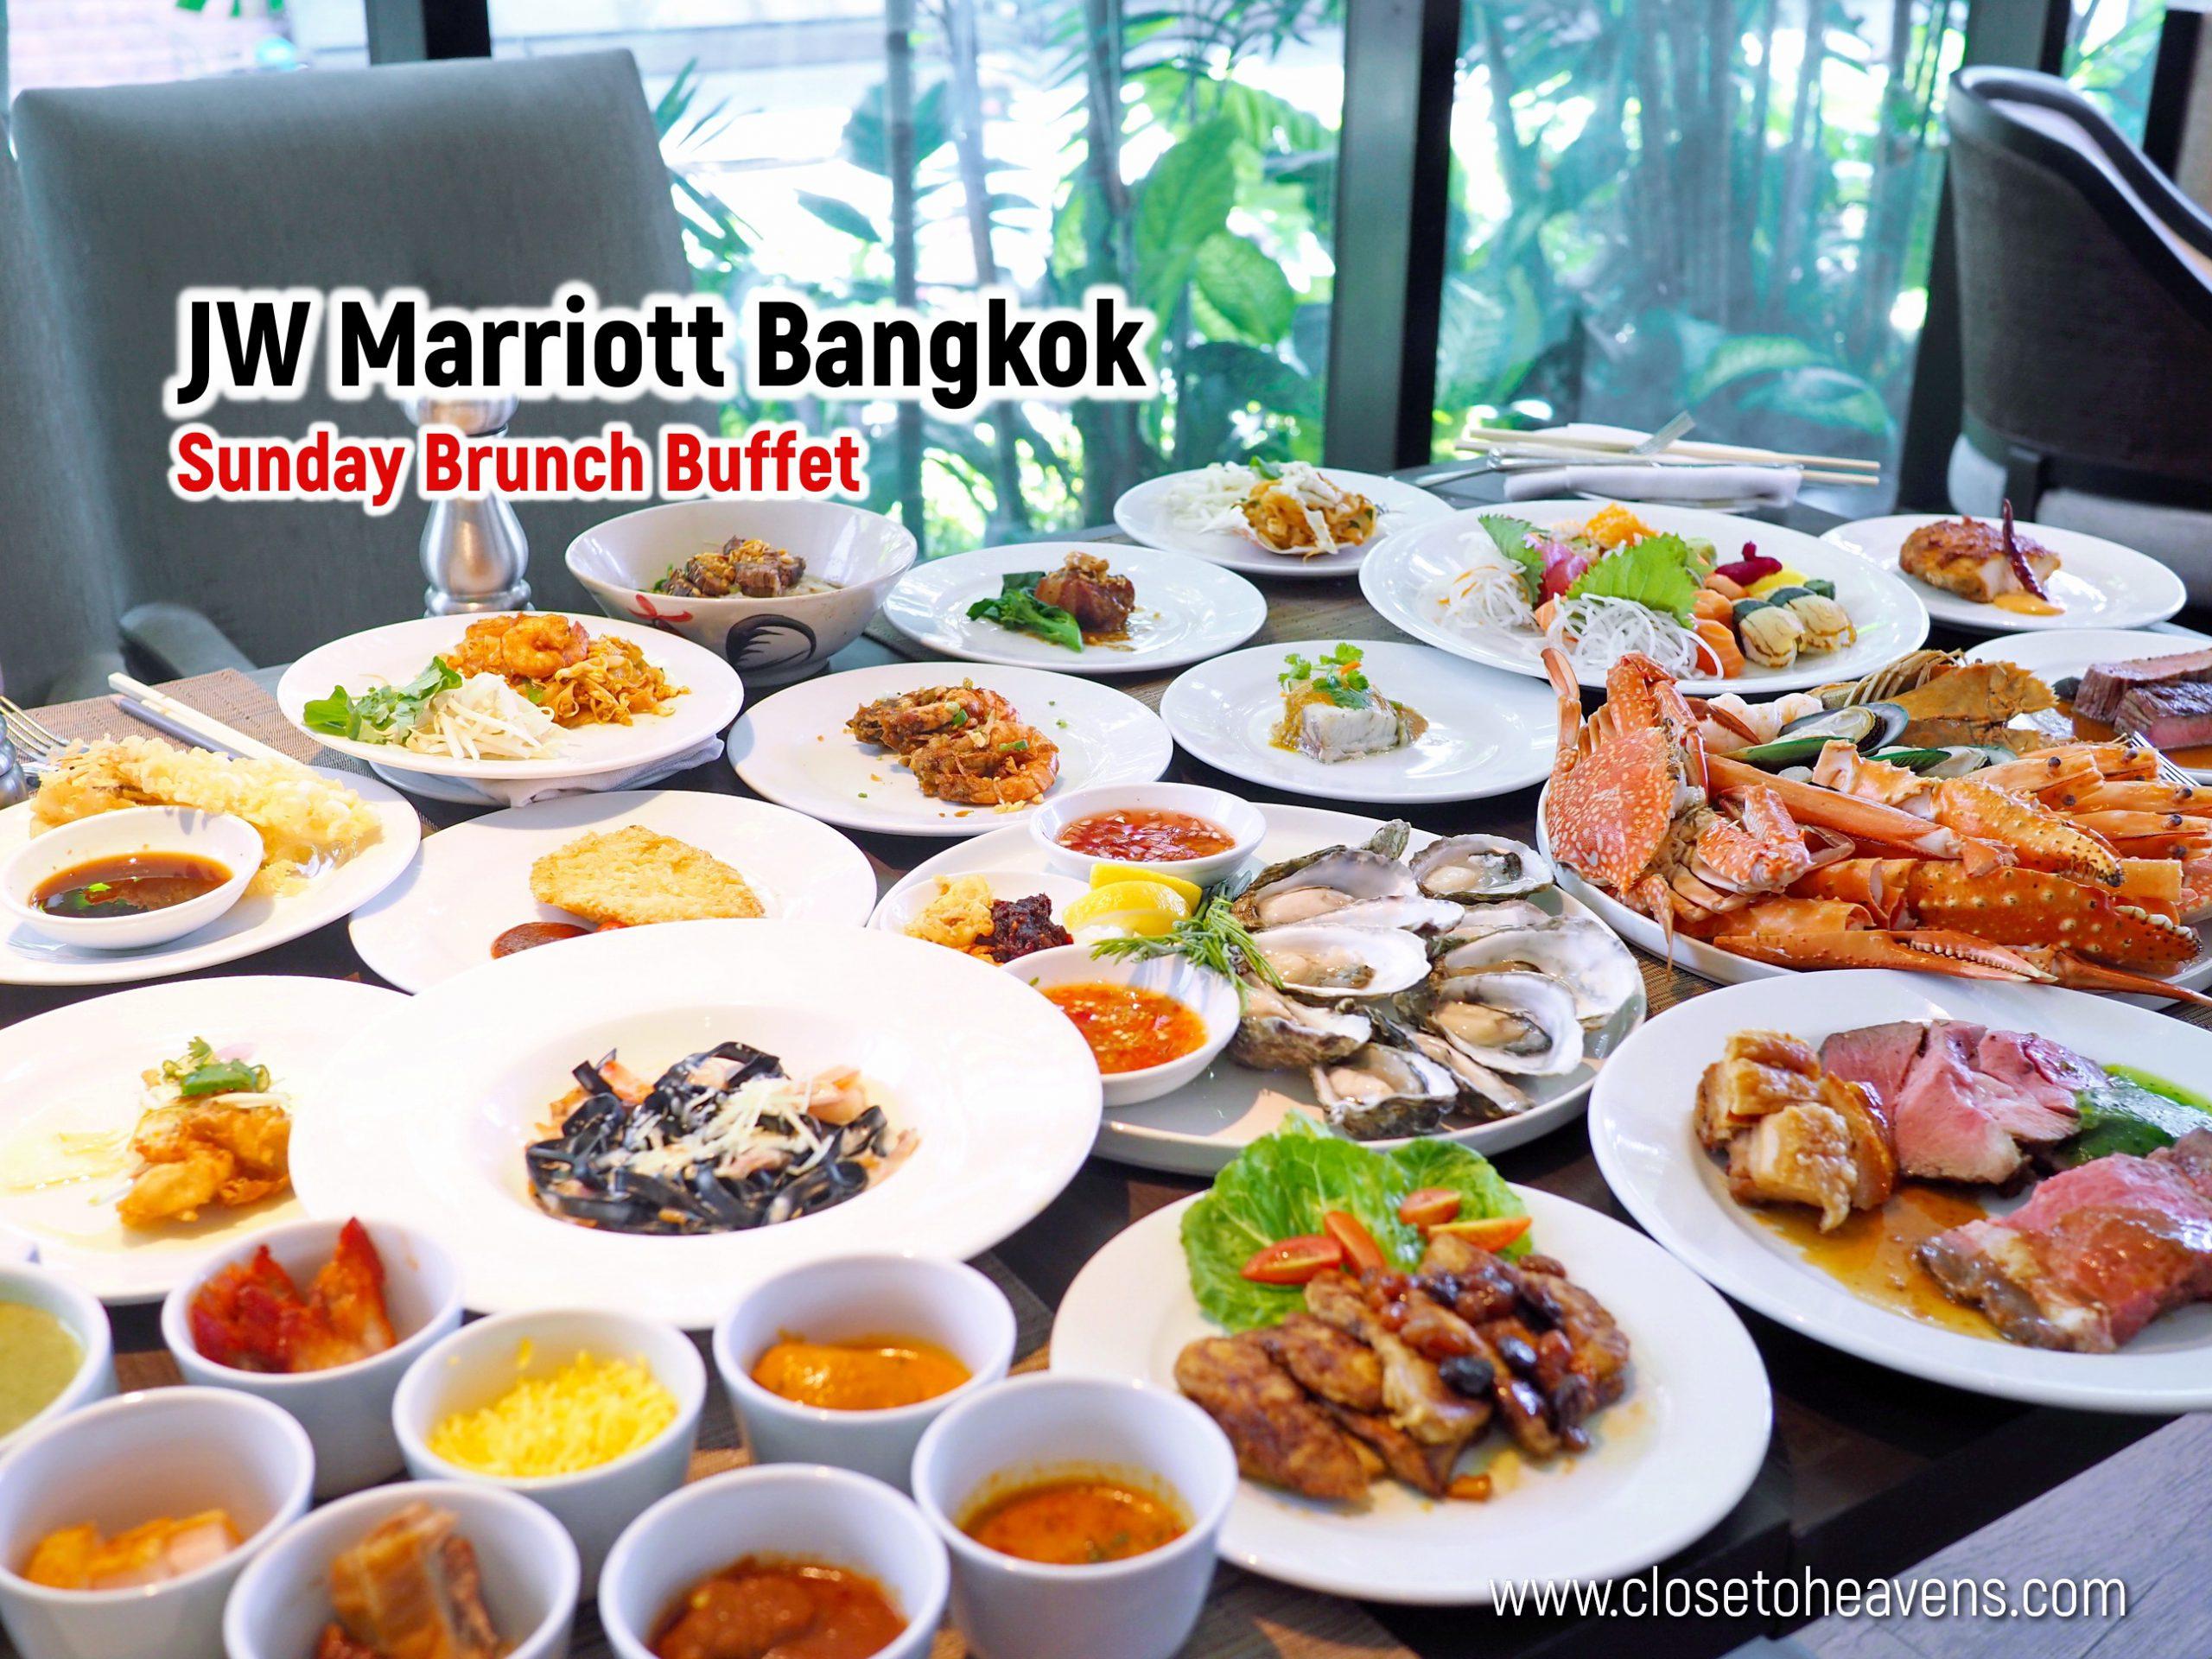 JW Marriott Bangkok | Sunday Brunch Buffet - New Normal